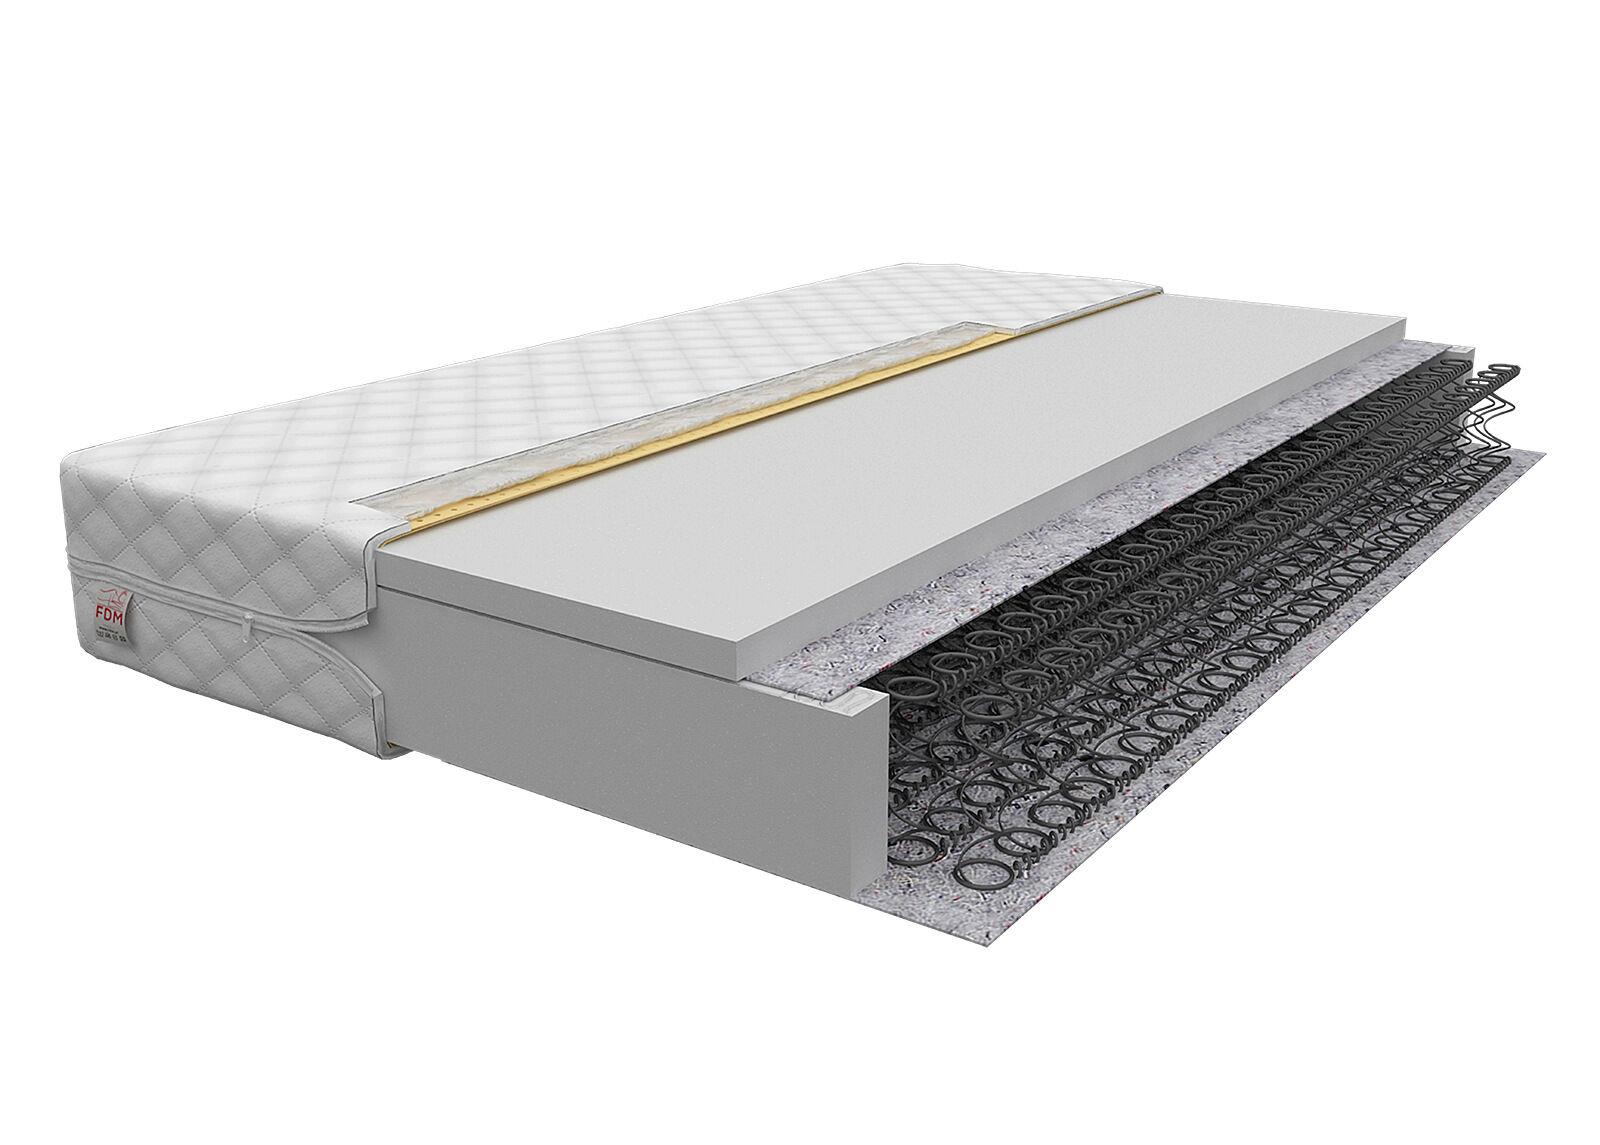 FDM Vaahtomuovipatja Iris 70x160 cm